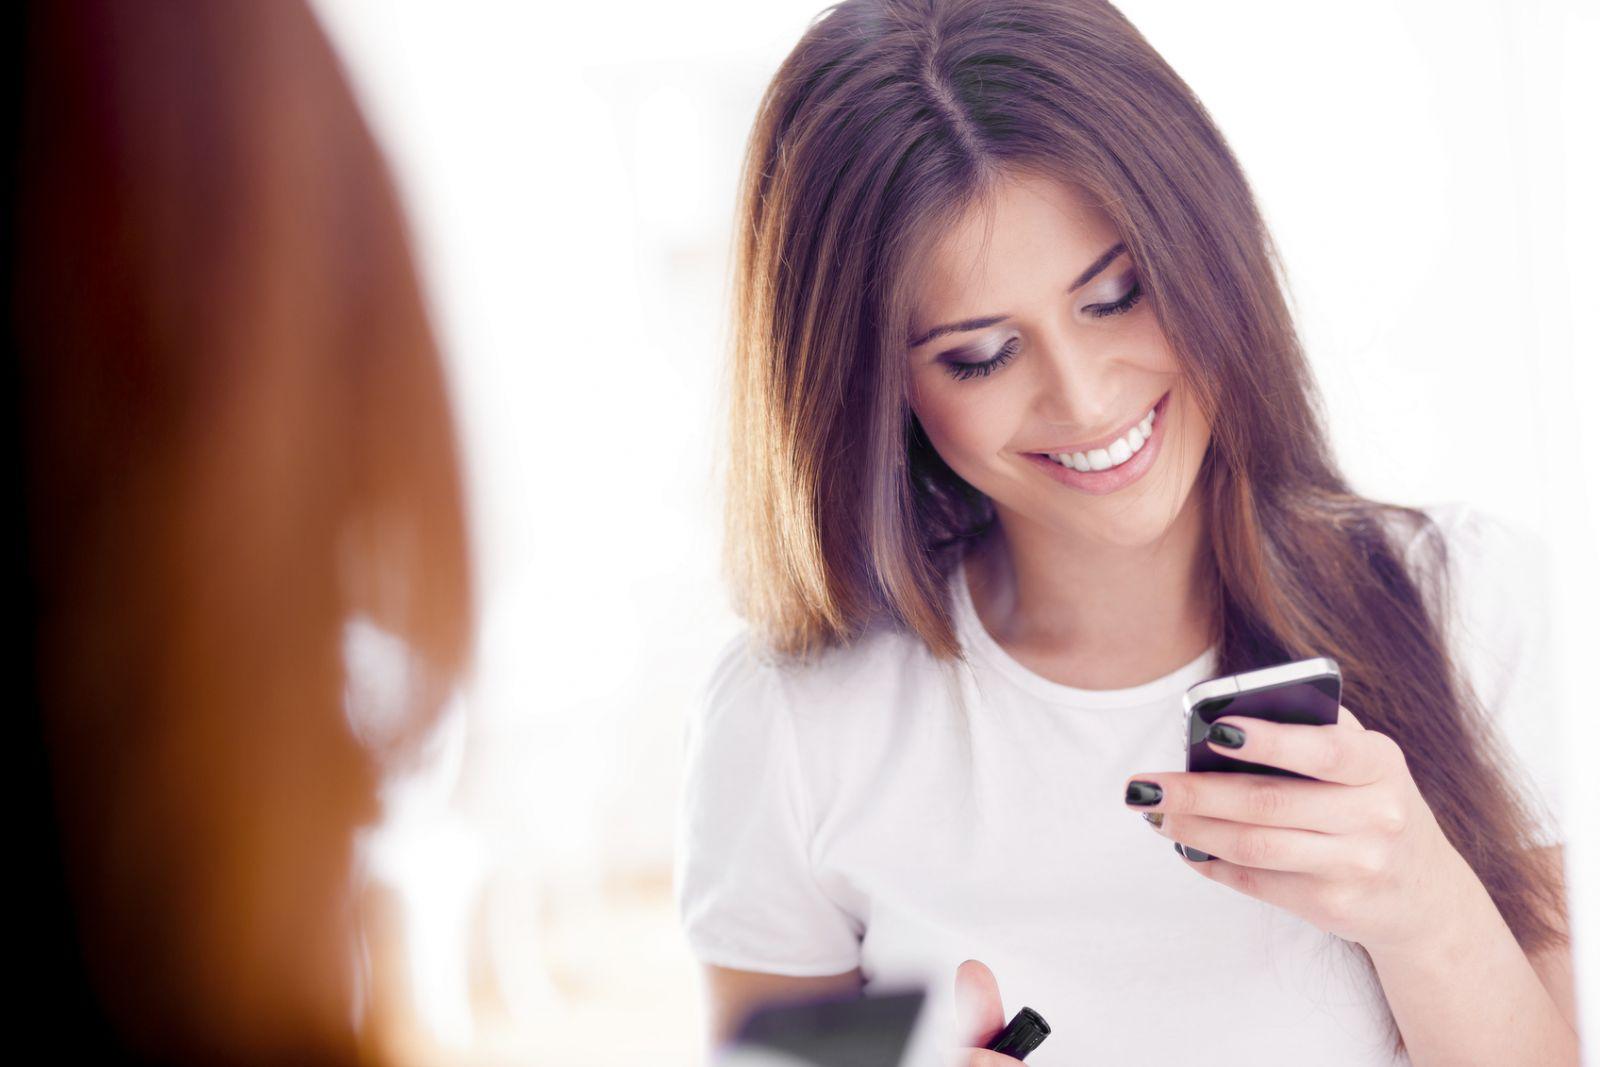 tekenen hij denkt over dating u vraag de webfilter online dating